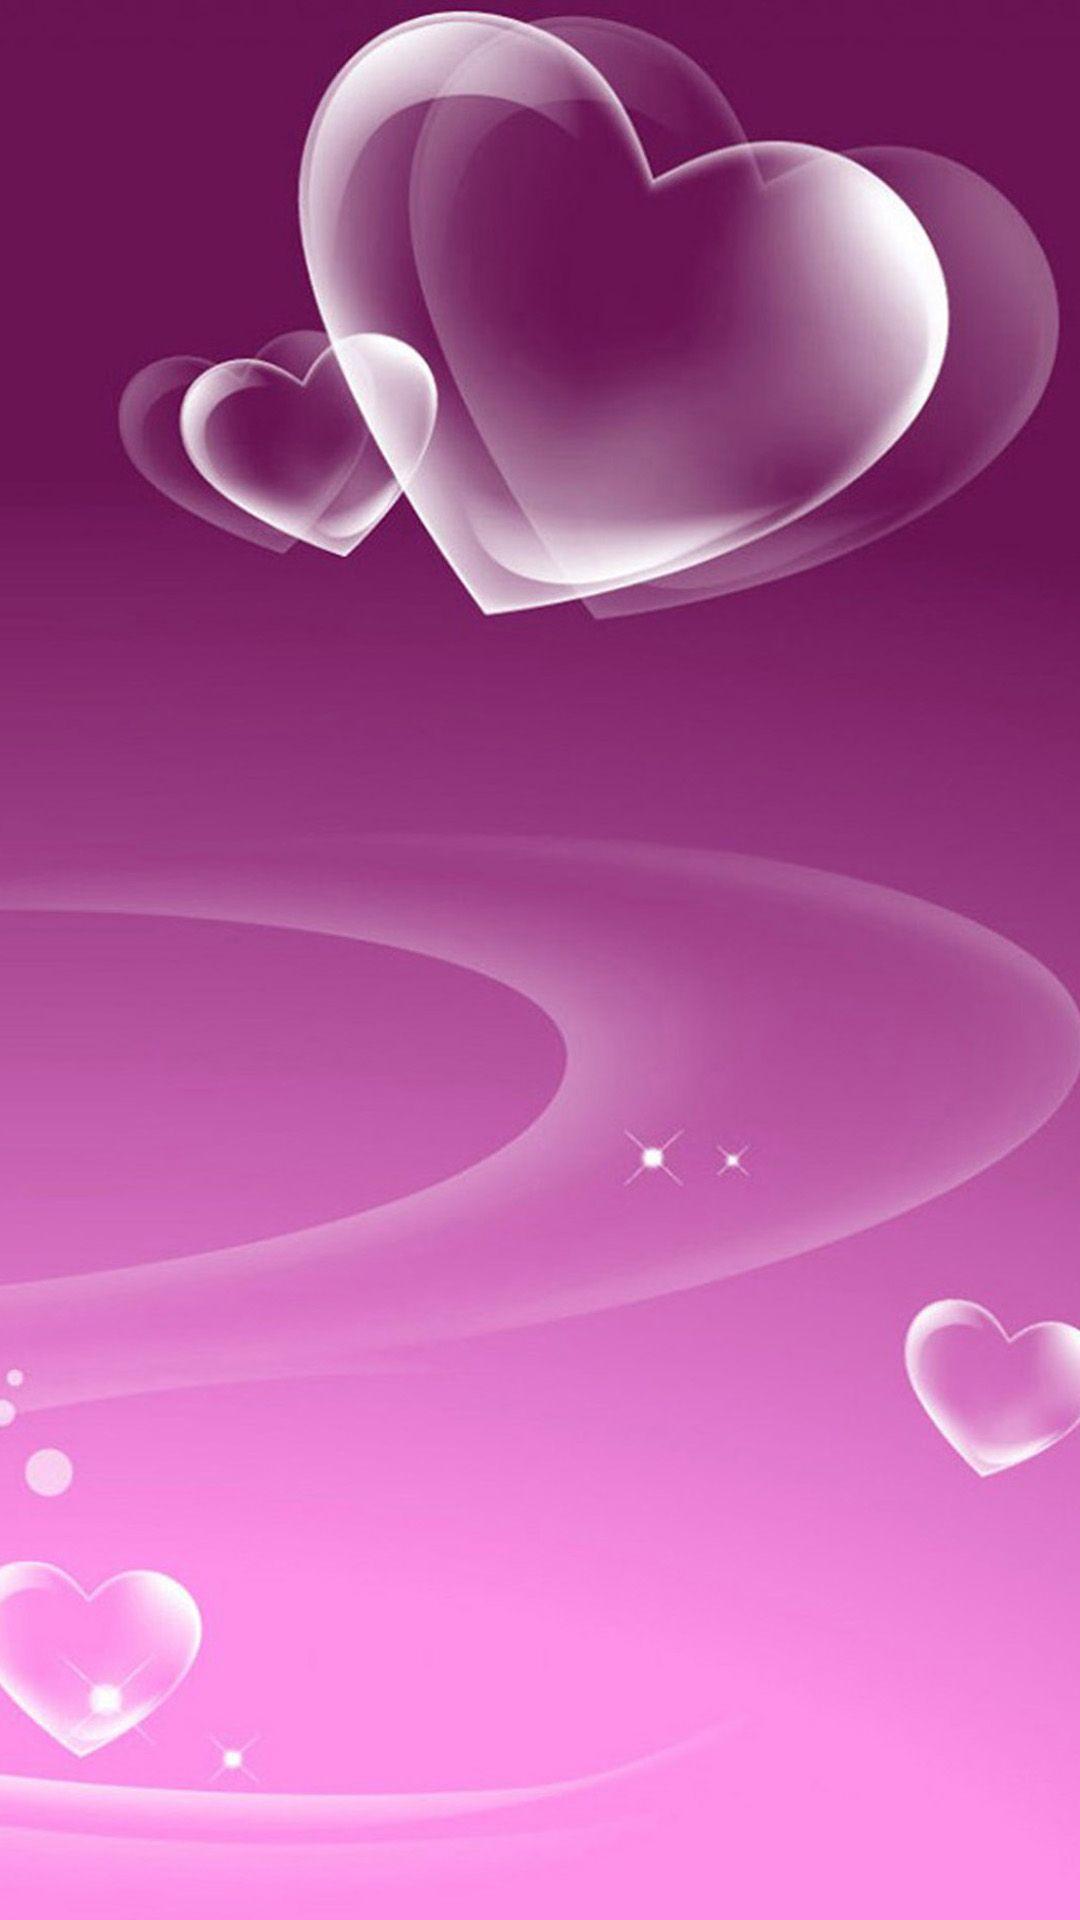 Most Inspiring Wallpaper Love Samsung Galaxy - d8bc3a4fe88d847fb9ae5e776b8f0333  Picture_955222.jpg